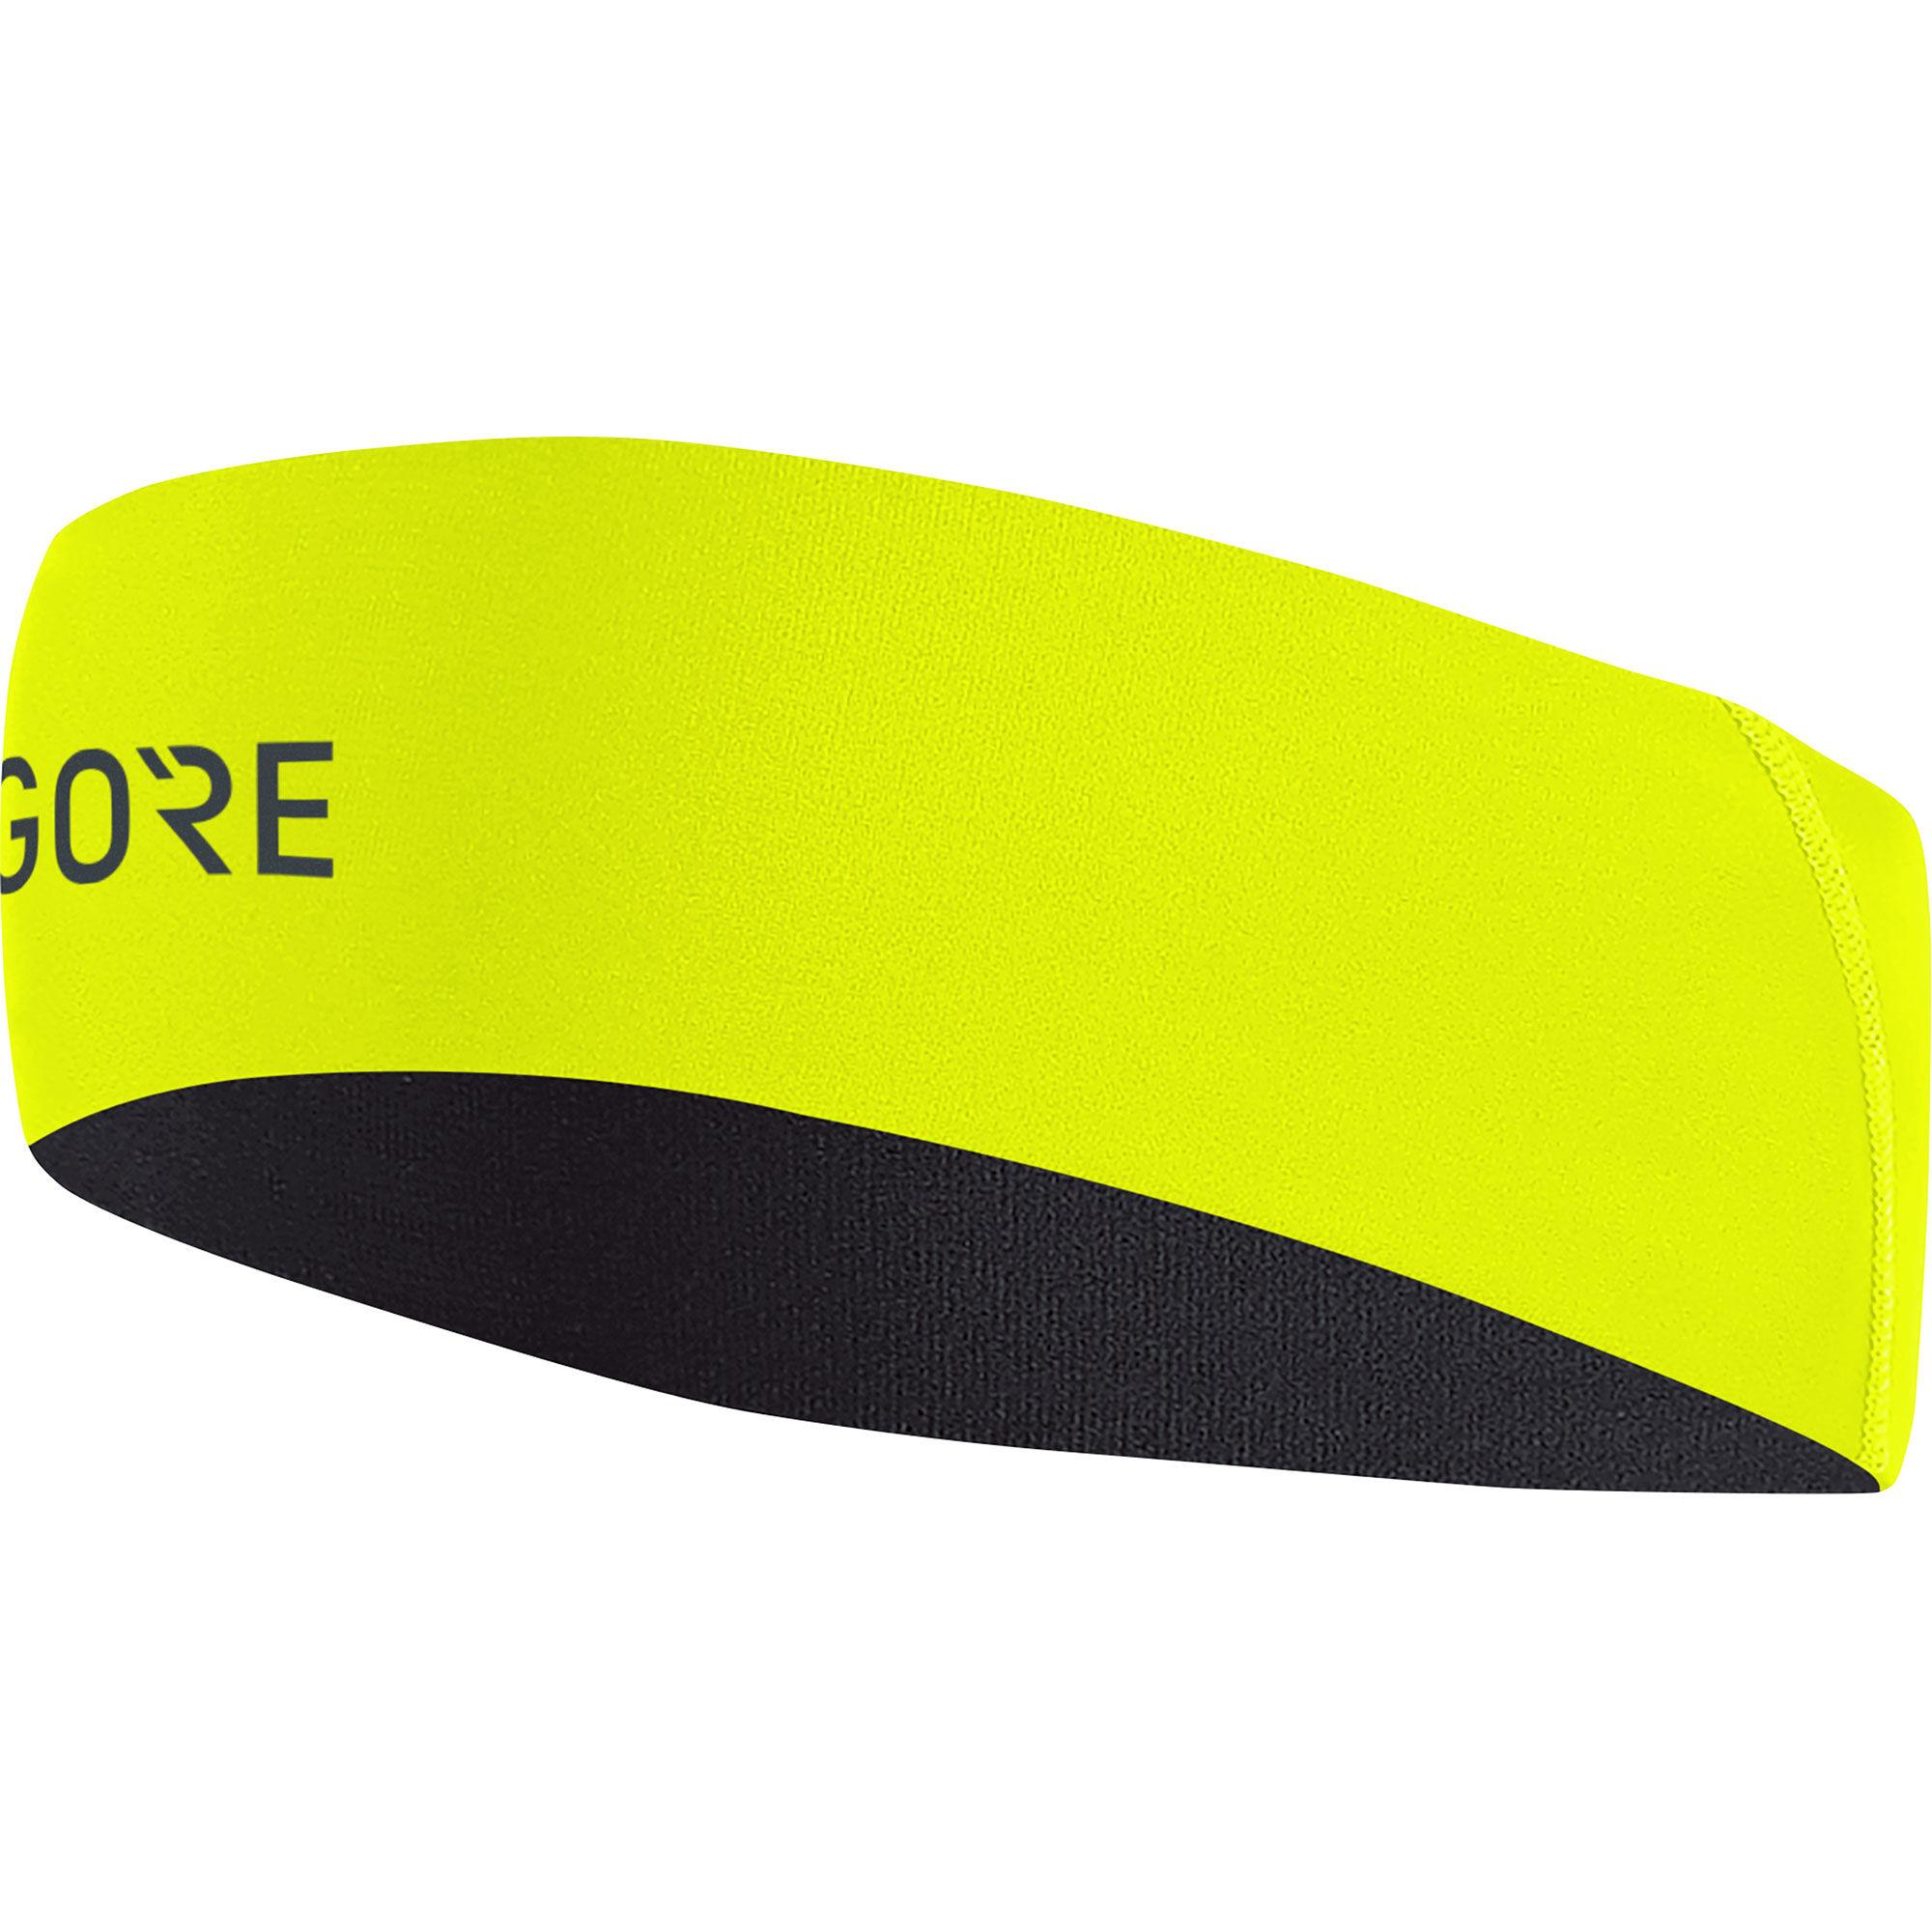 Gore Stirnband (Neongelb)